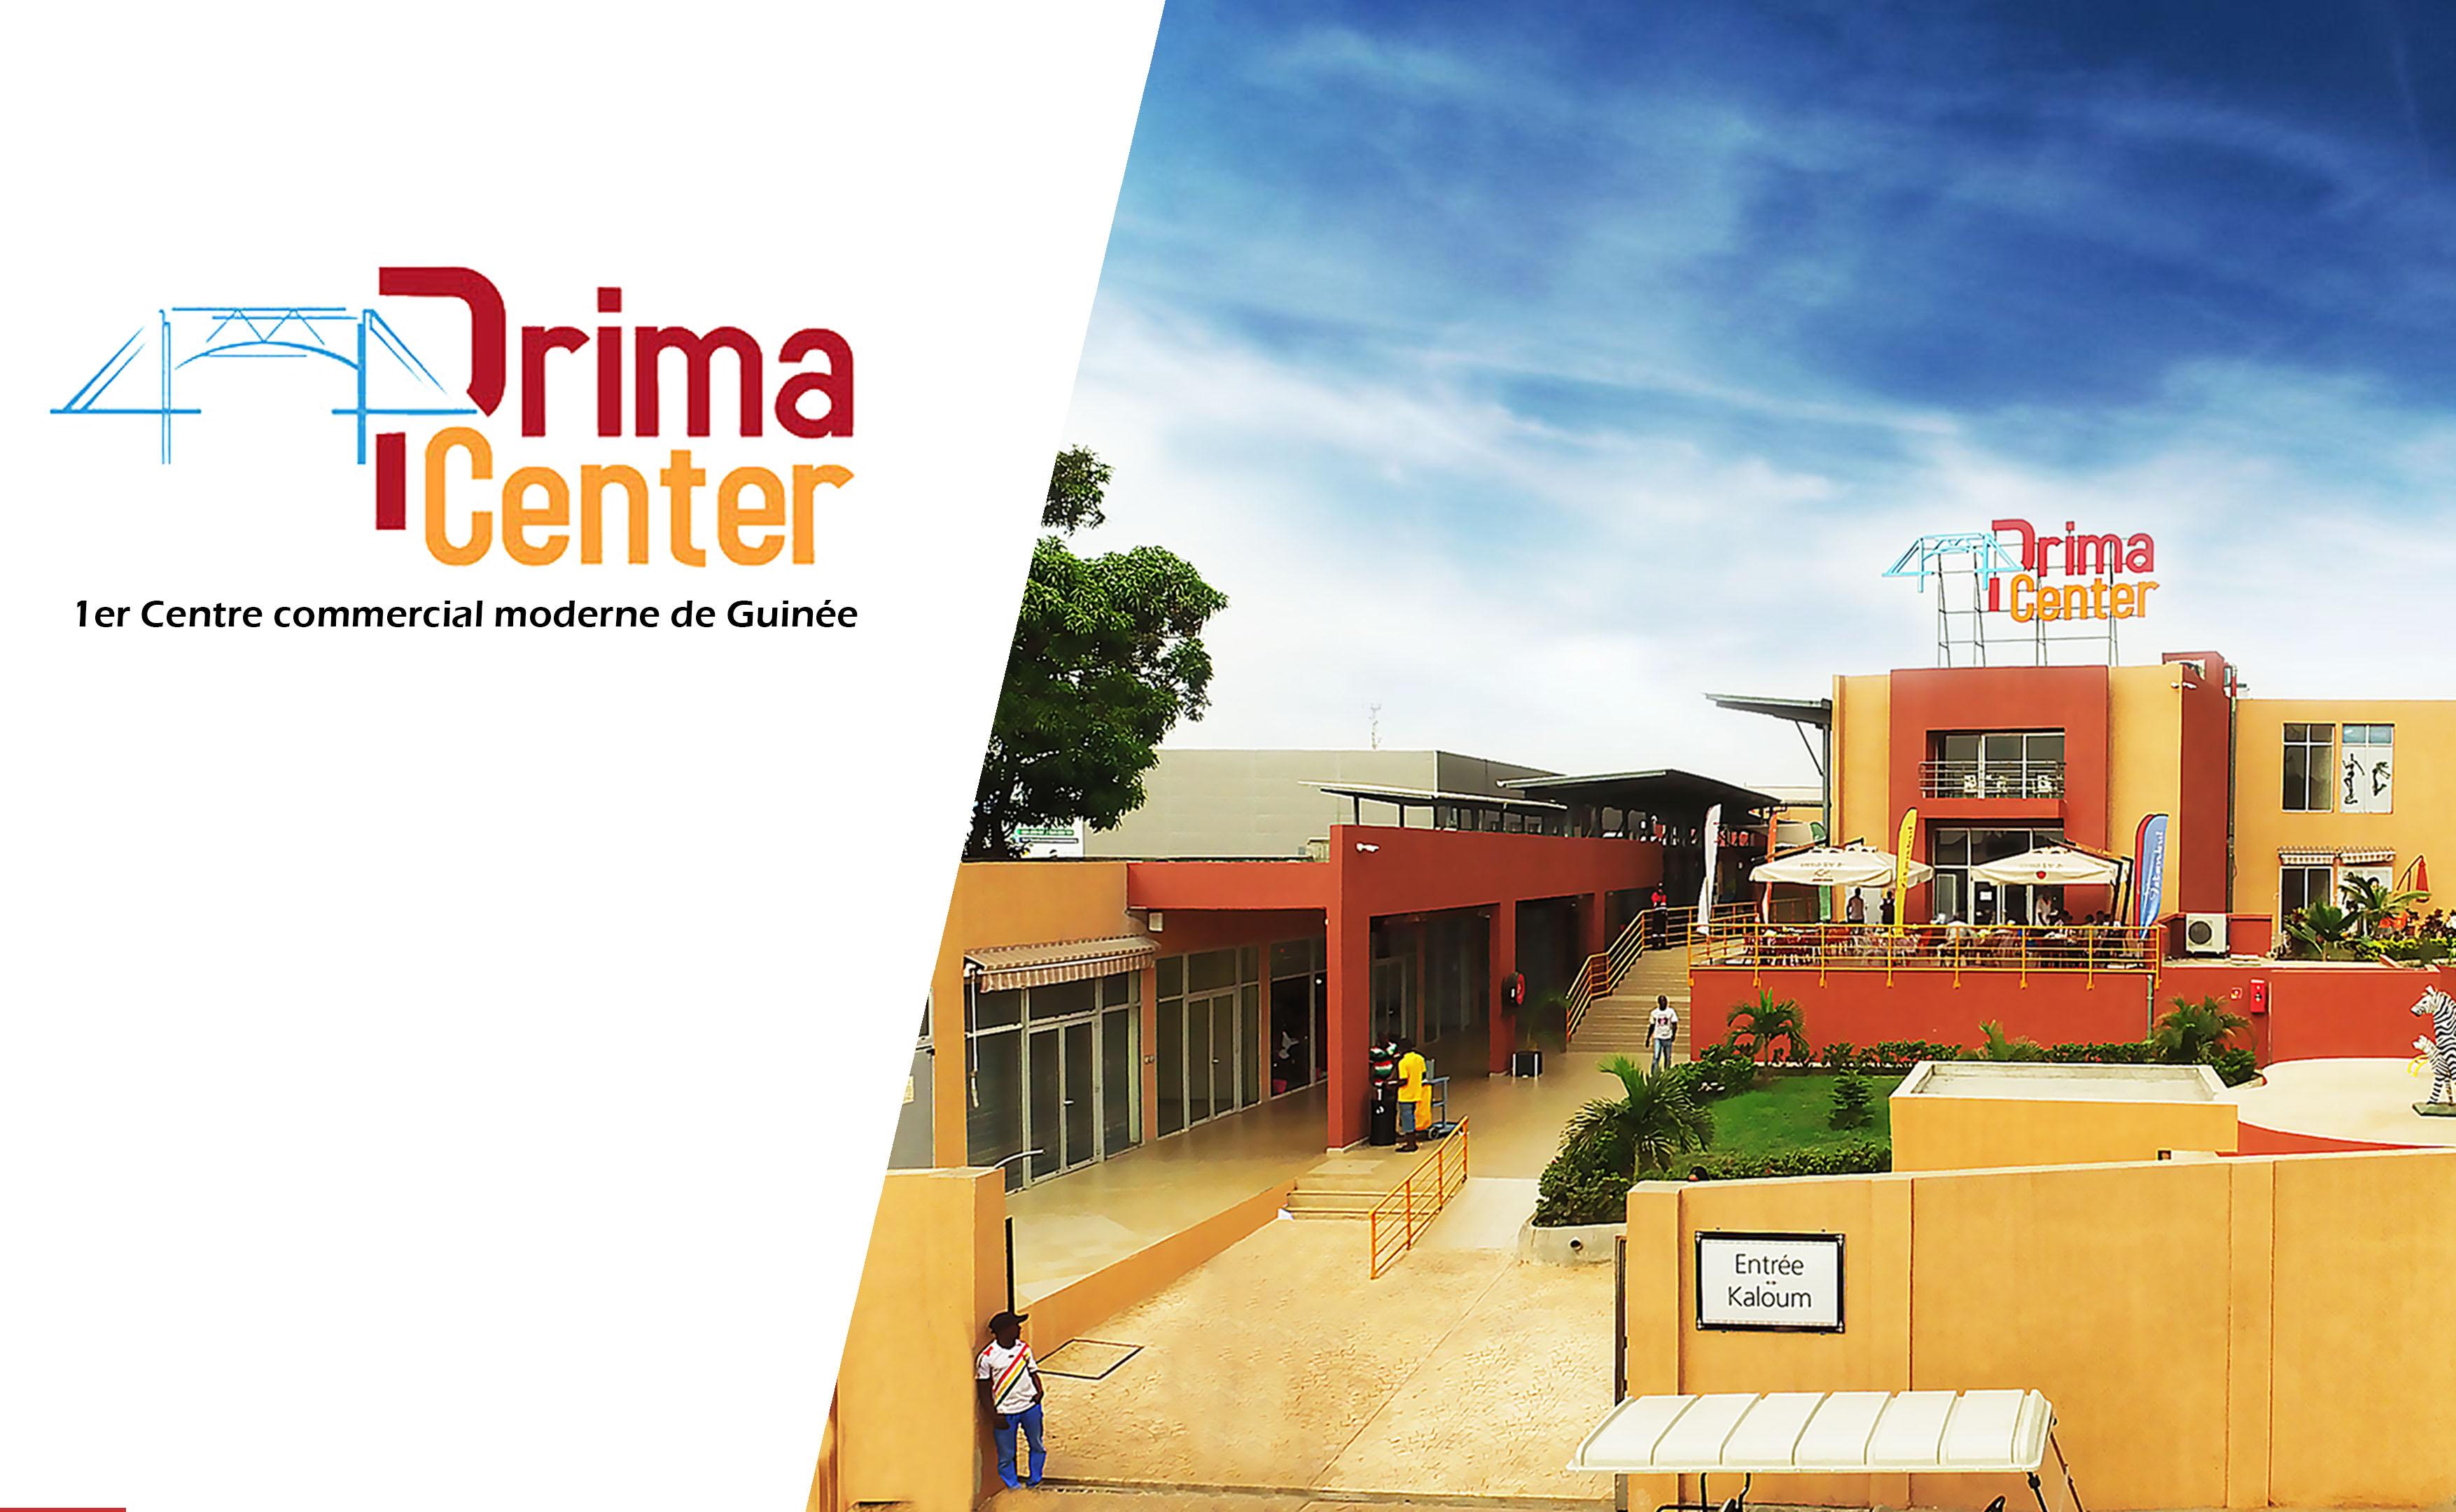 Prima Center